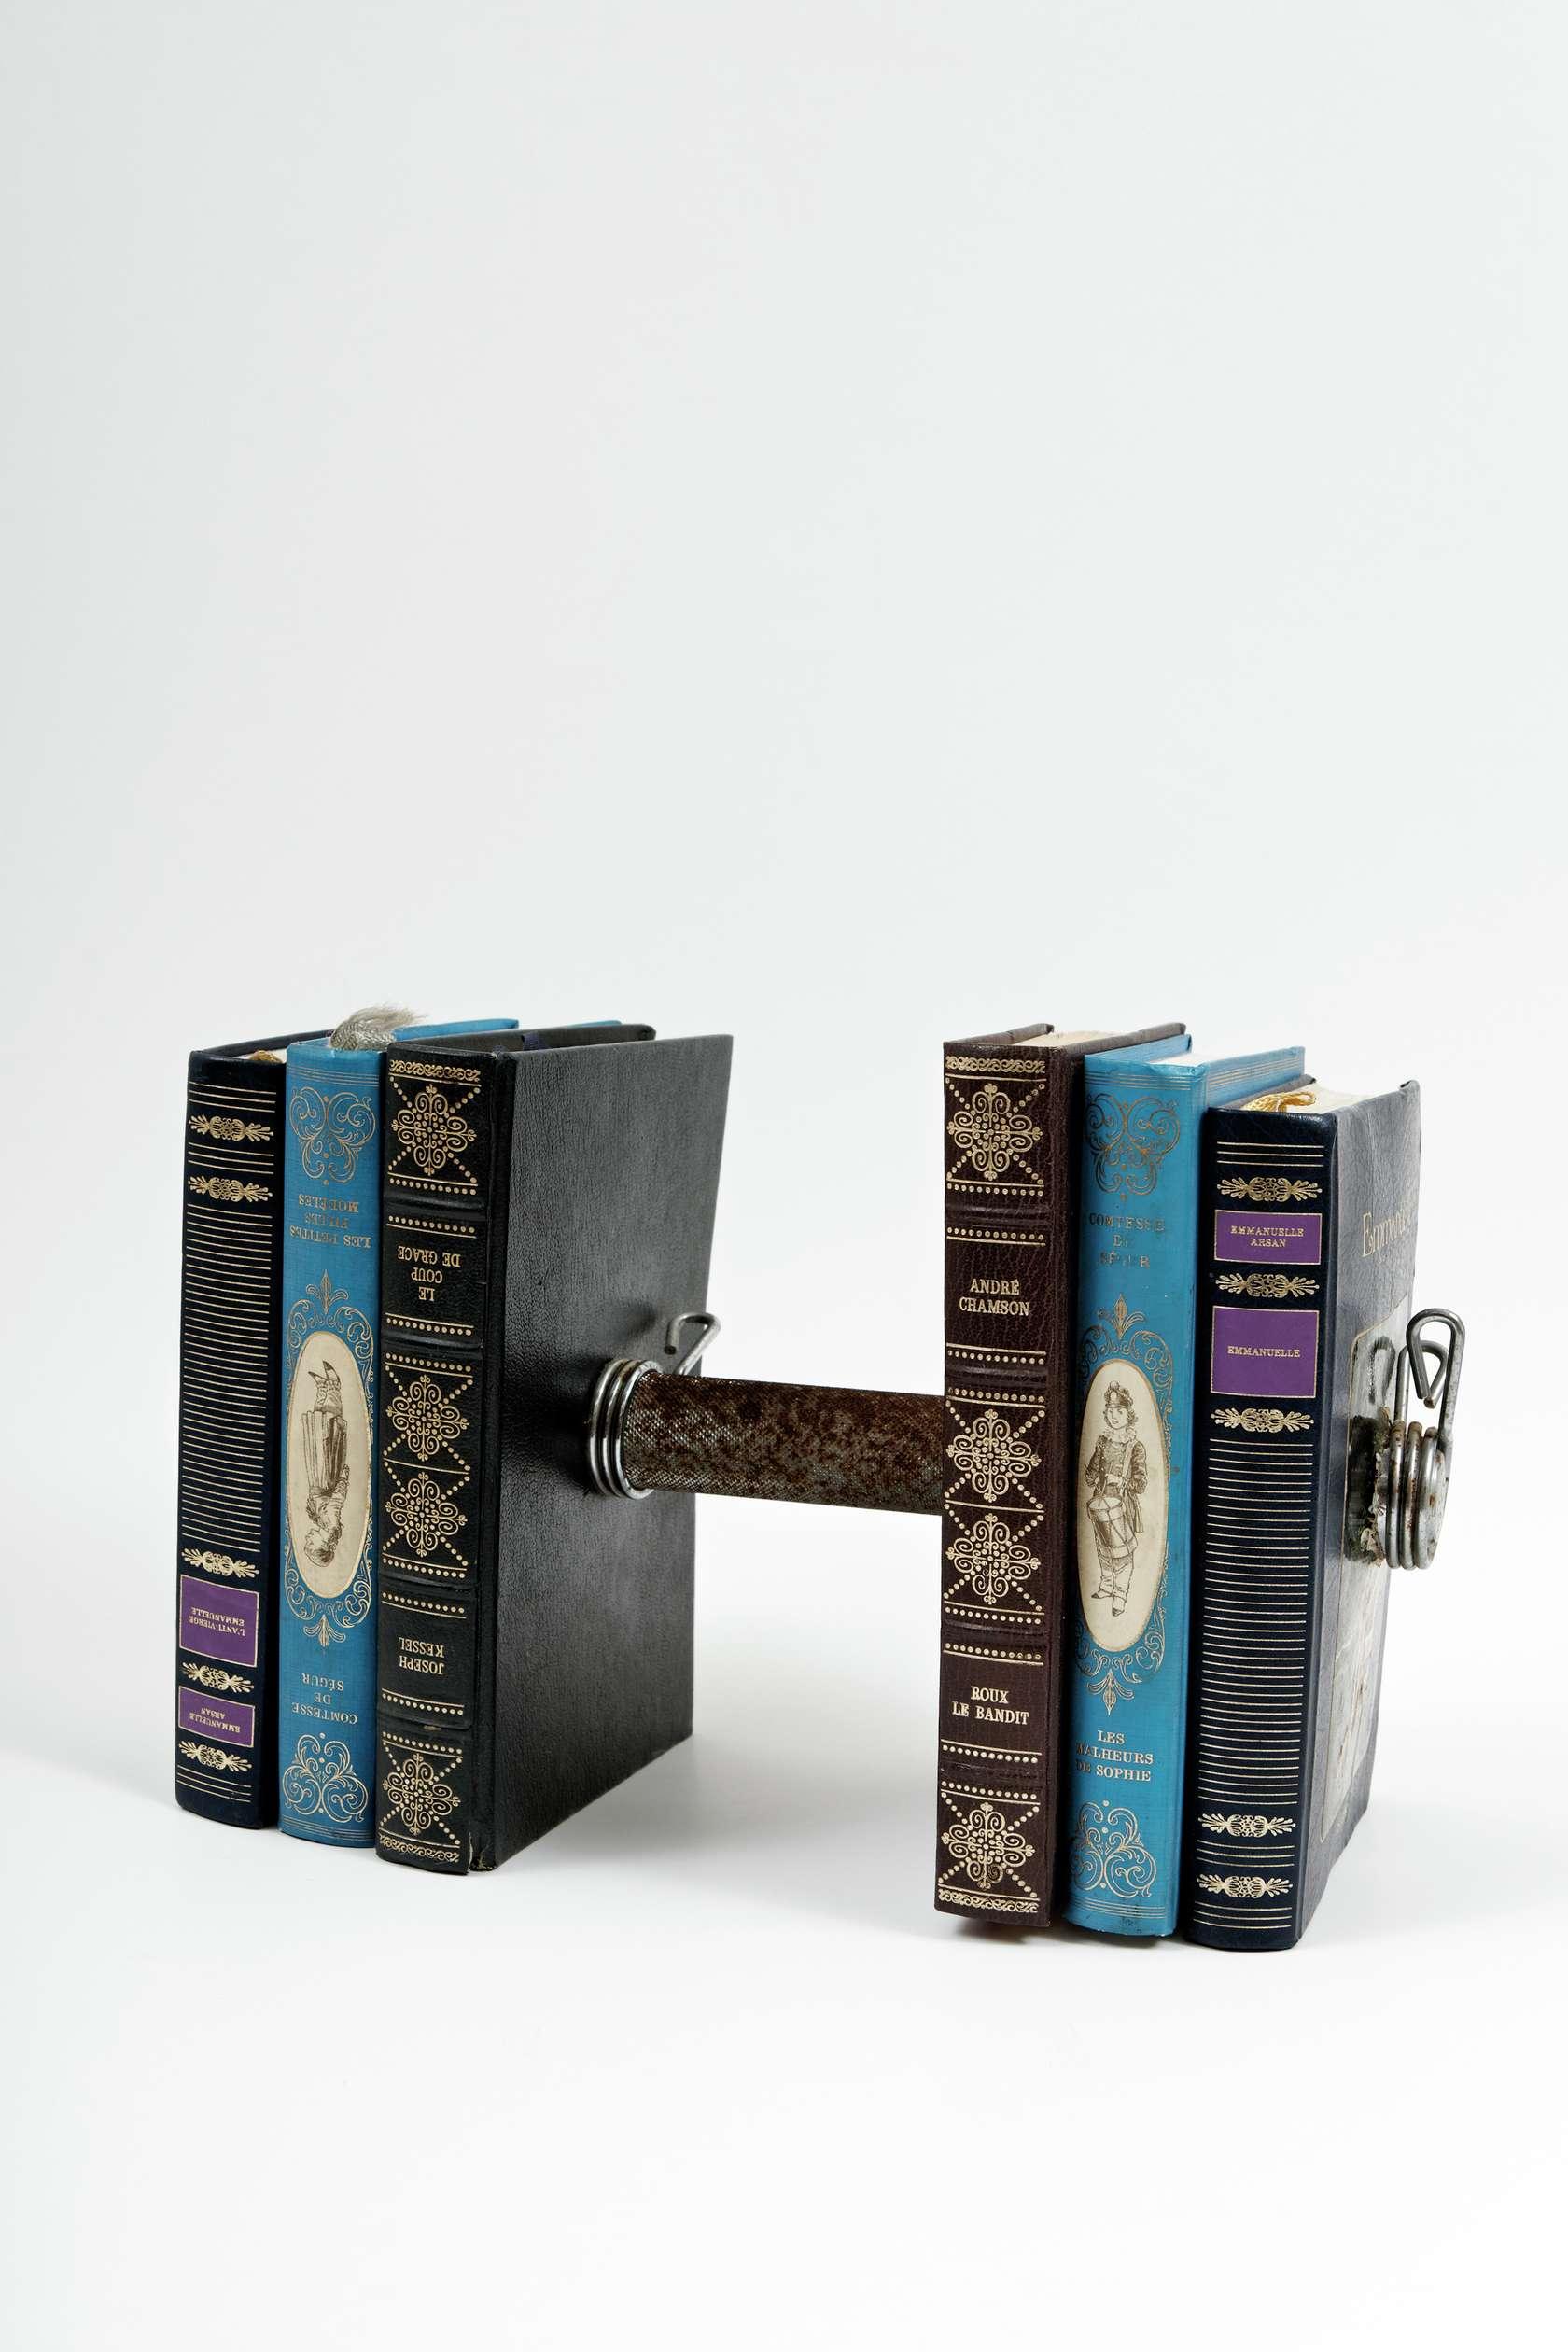 Présence Panchounette, Le poids des mots, 1982 Barre d'haltère et livres19 × 28.5 × 14 cm / 7 1/2 × 11 2/8 × 5 1/2 in.